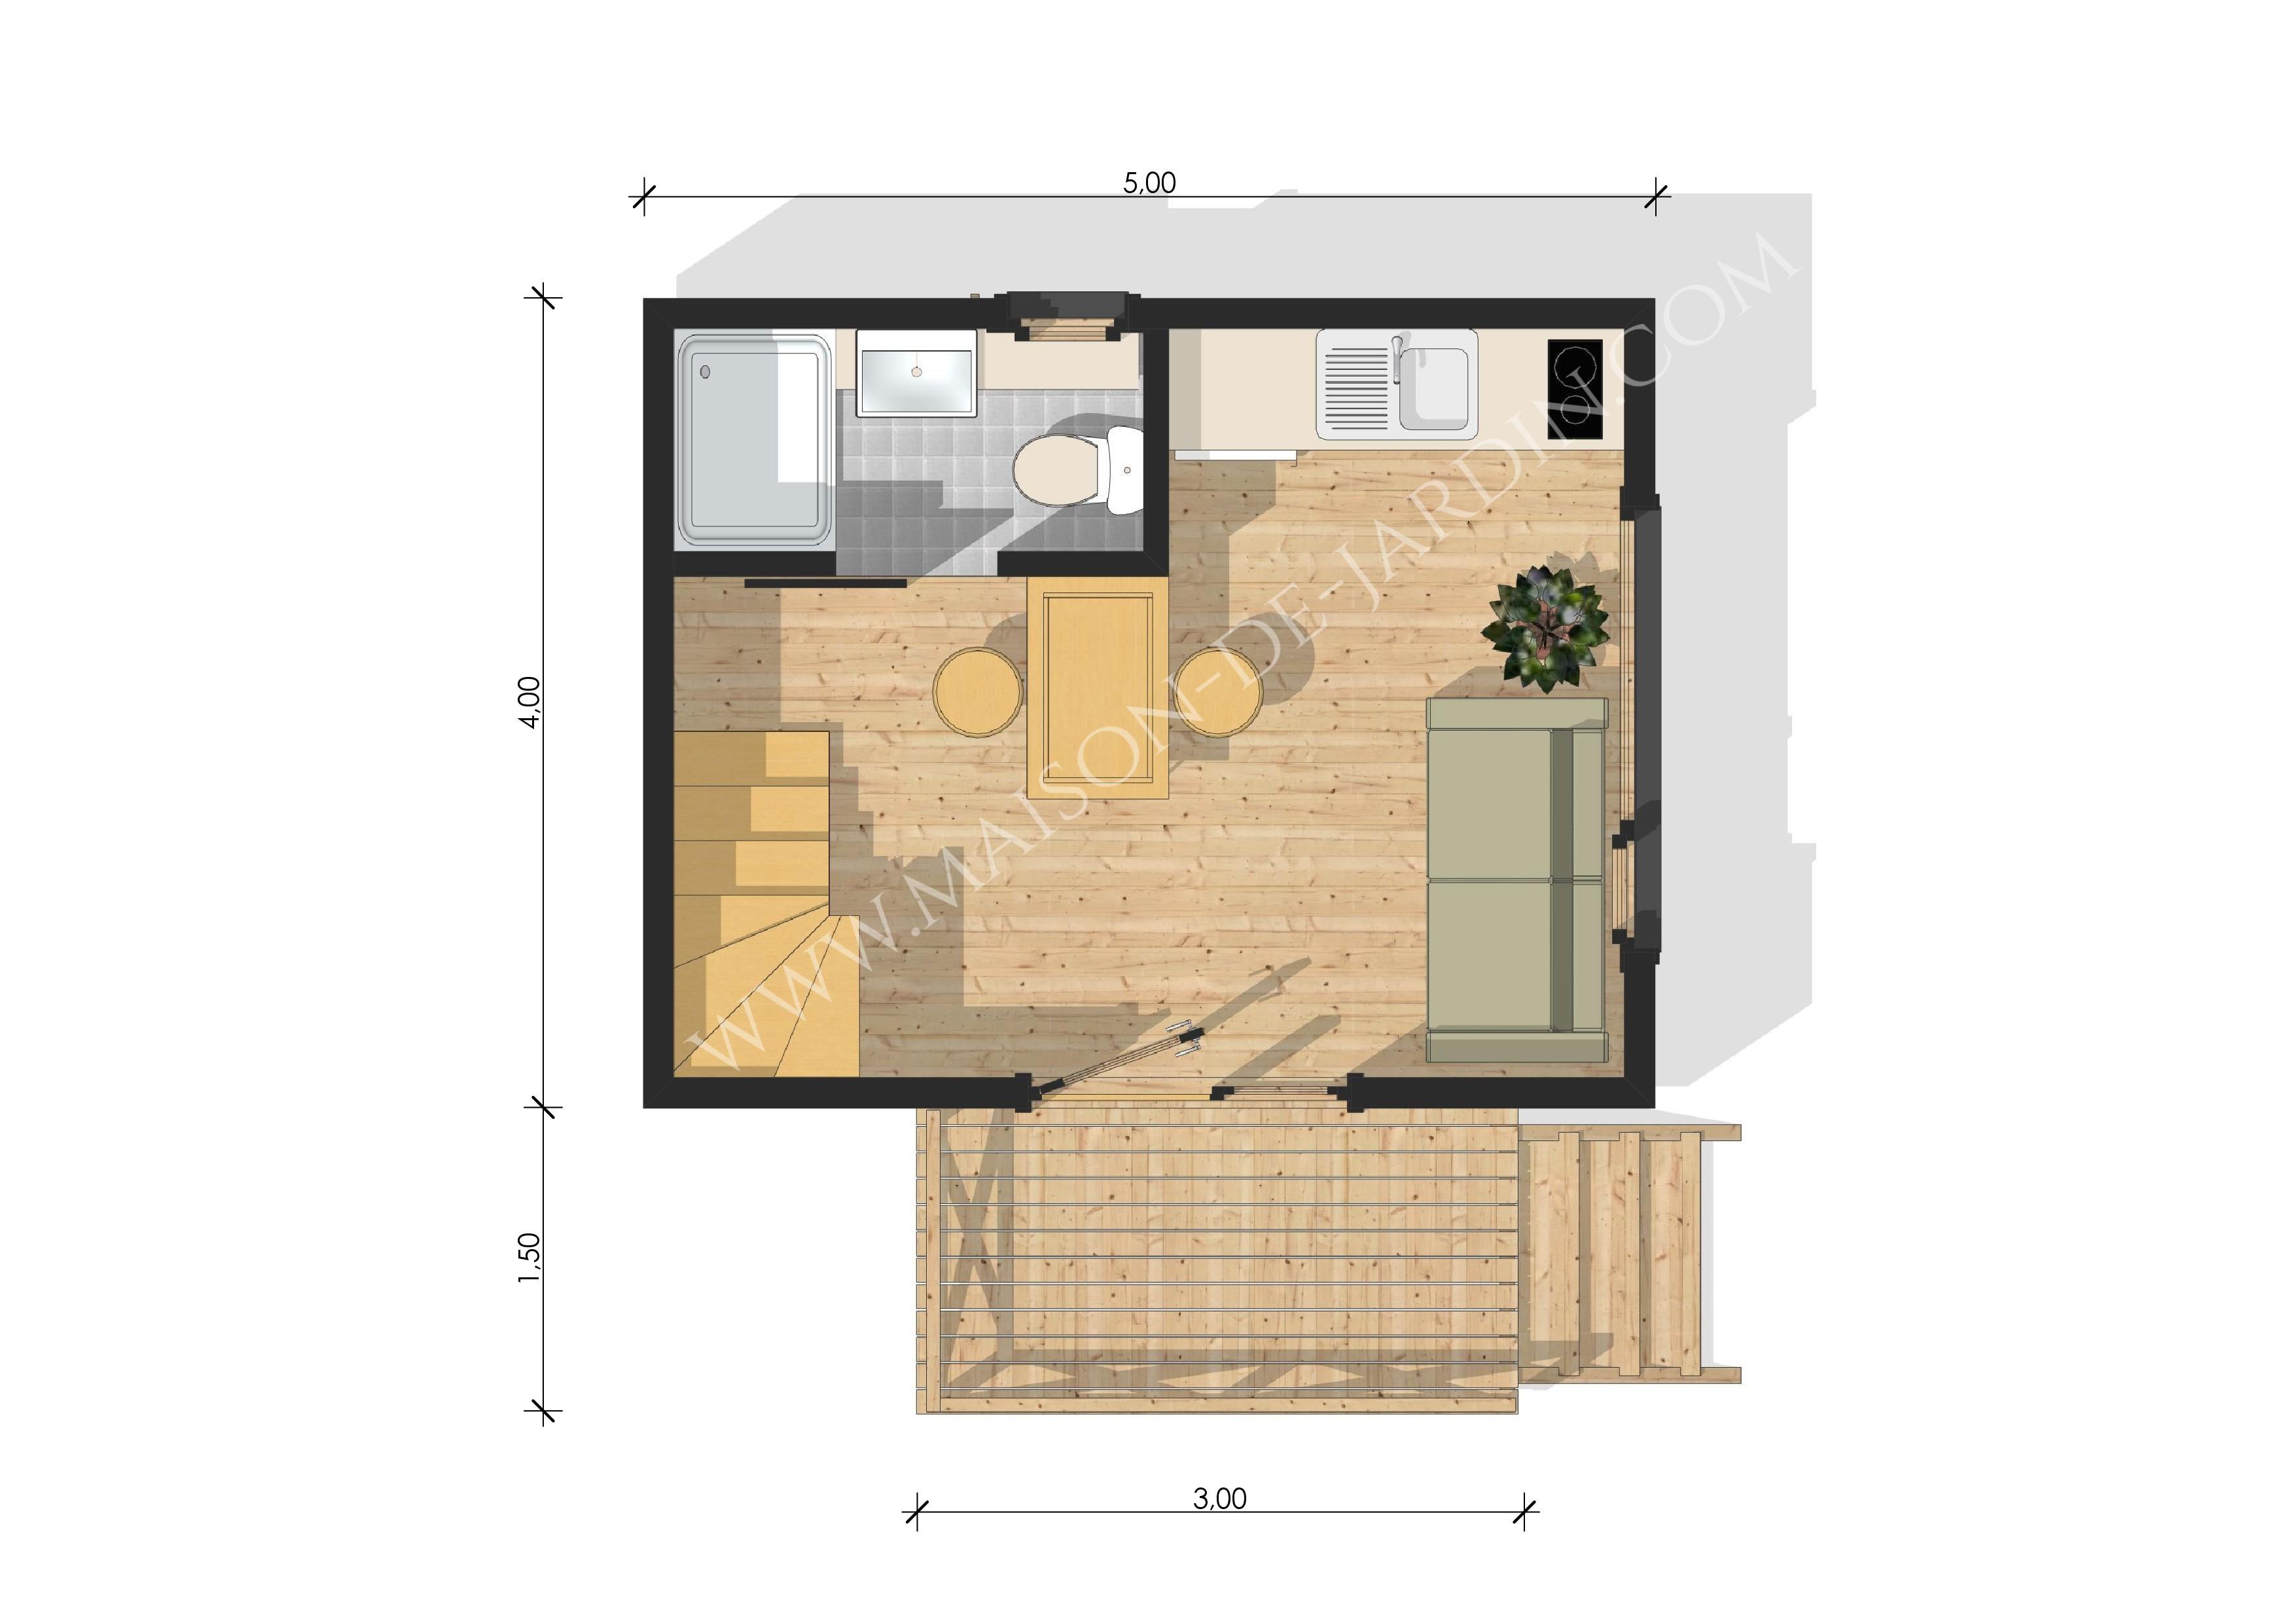 Studio de jardin avec ossature bois Nice 37 m² : 33900 € TTC Livré ...